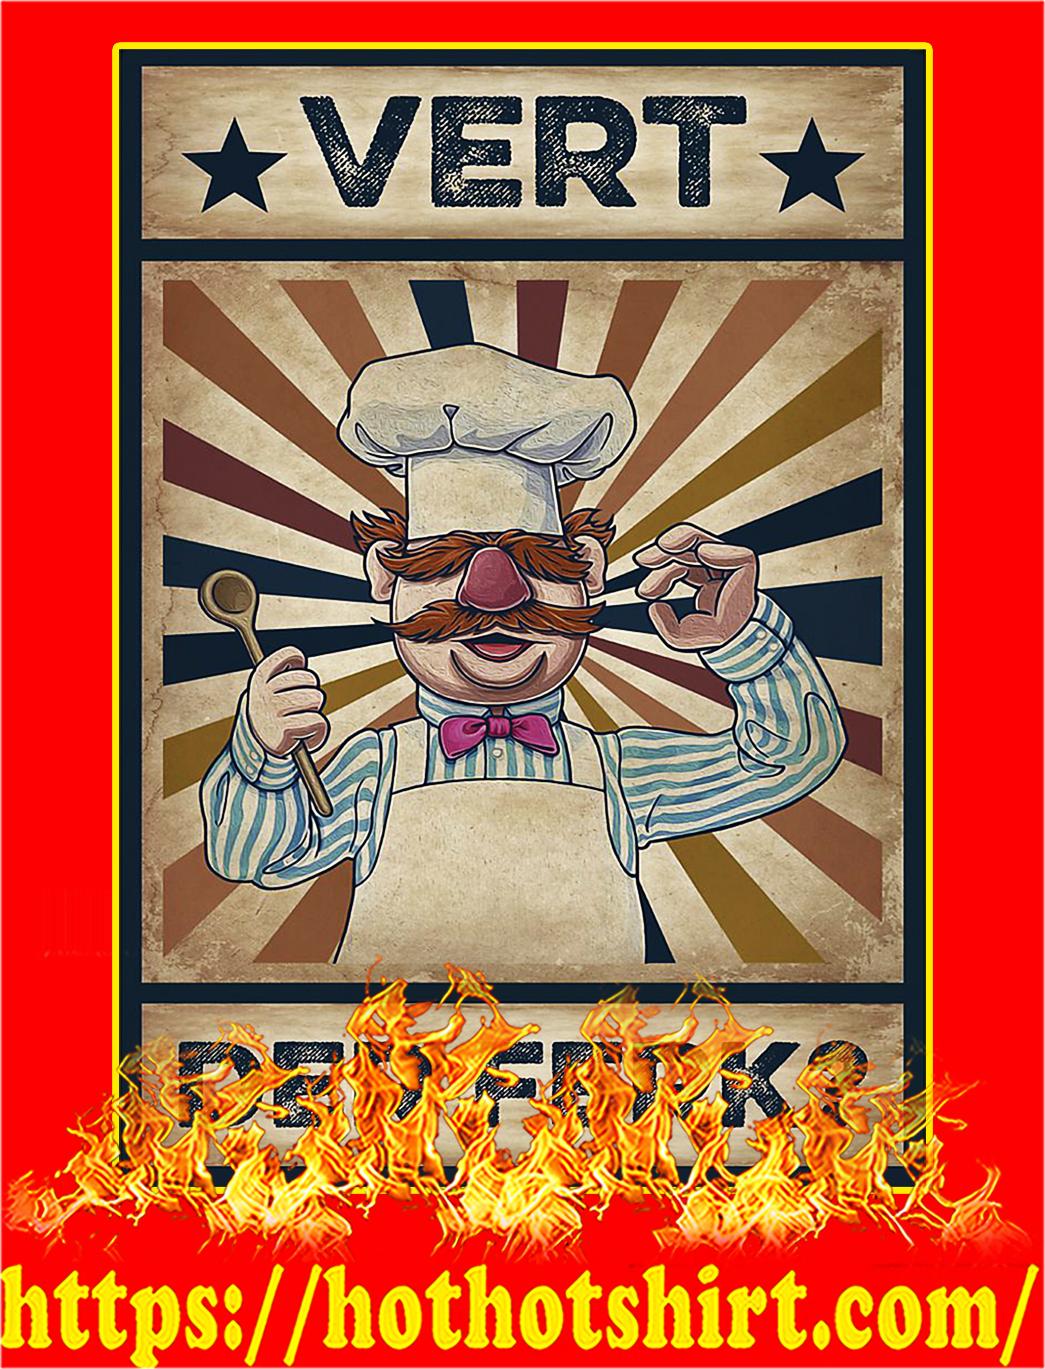 Vert Der Ferk Poster - A2